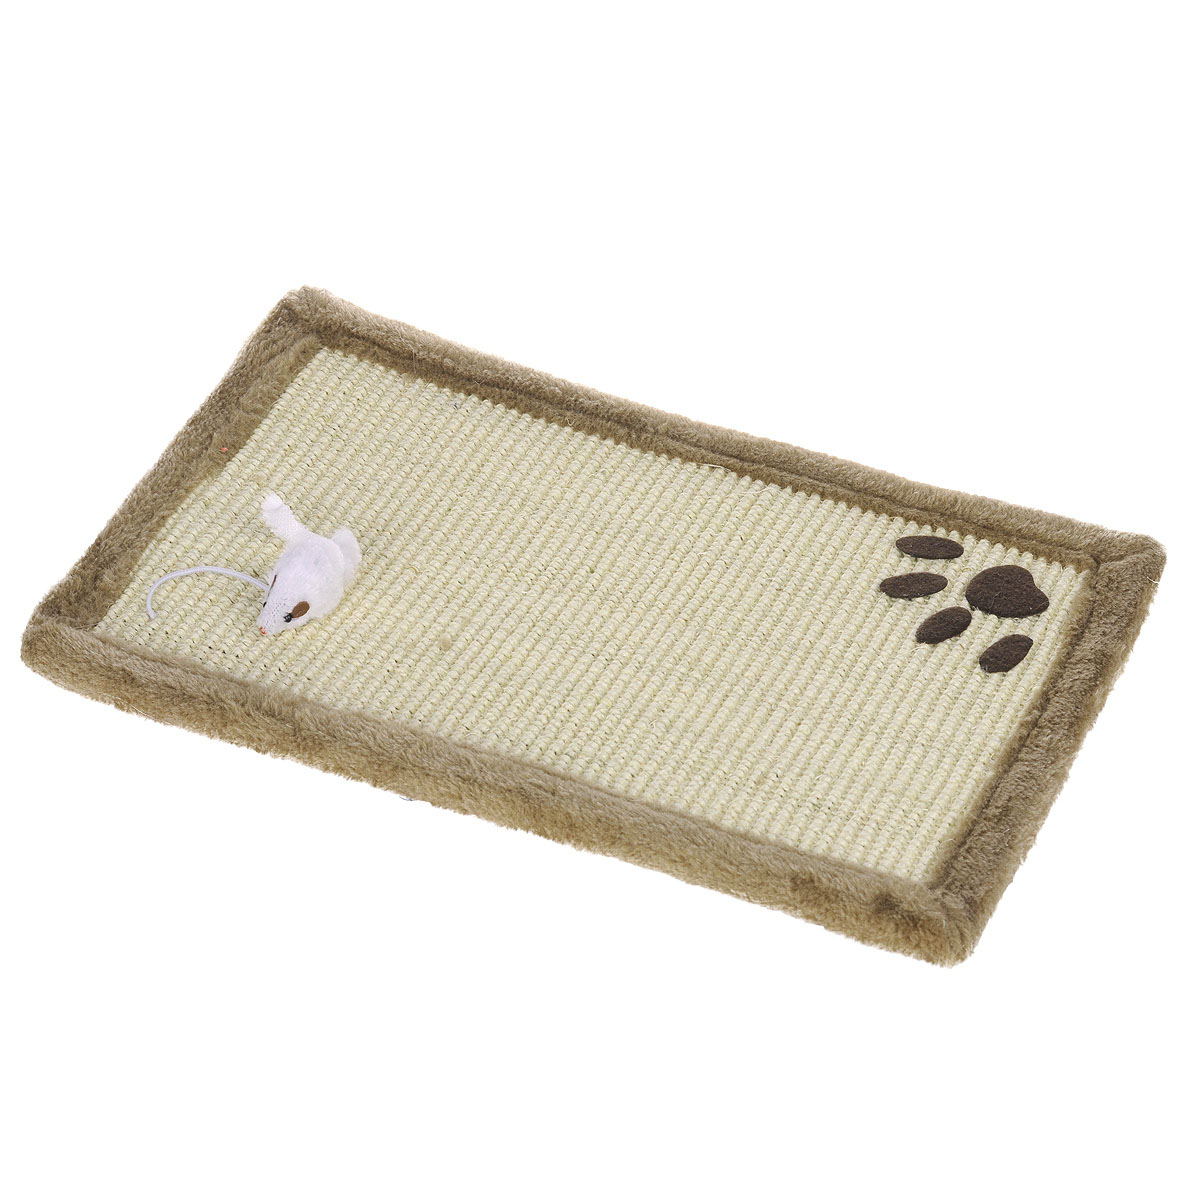 Когтеточка-коврик I.P.T.S., цвет: светло-коричневый, 48 см х 30 см405155Когтеточка для кошек I.P.T.S. выполнена из сизаля в виде коврика, по краям обитого плюшем. Коврик декорирован следом от лапки и белой мышкой.Когтеточка - один из самых необходимых аксессуаров для кошки. Для приучения к ней можно натереть ее сухой валерьянкой или кошачьей мятой.Коврик-когтеточка для кошек I.P.T.S. станет комфортным и любимым местом вашего питомца.